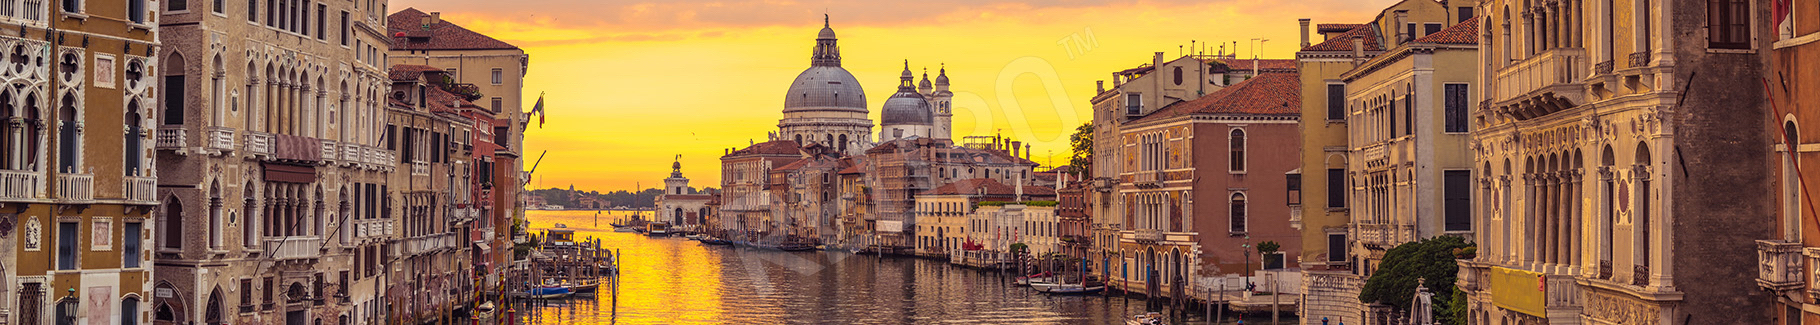 Fototapeta Wenecja o zachodzie słońca